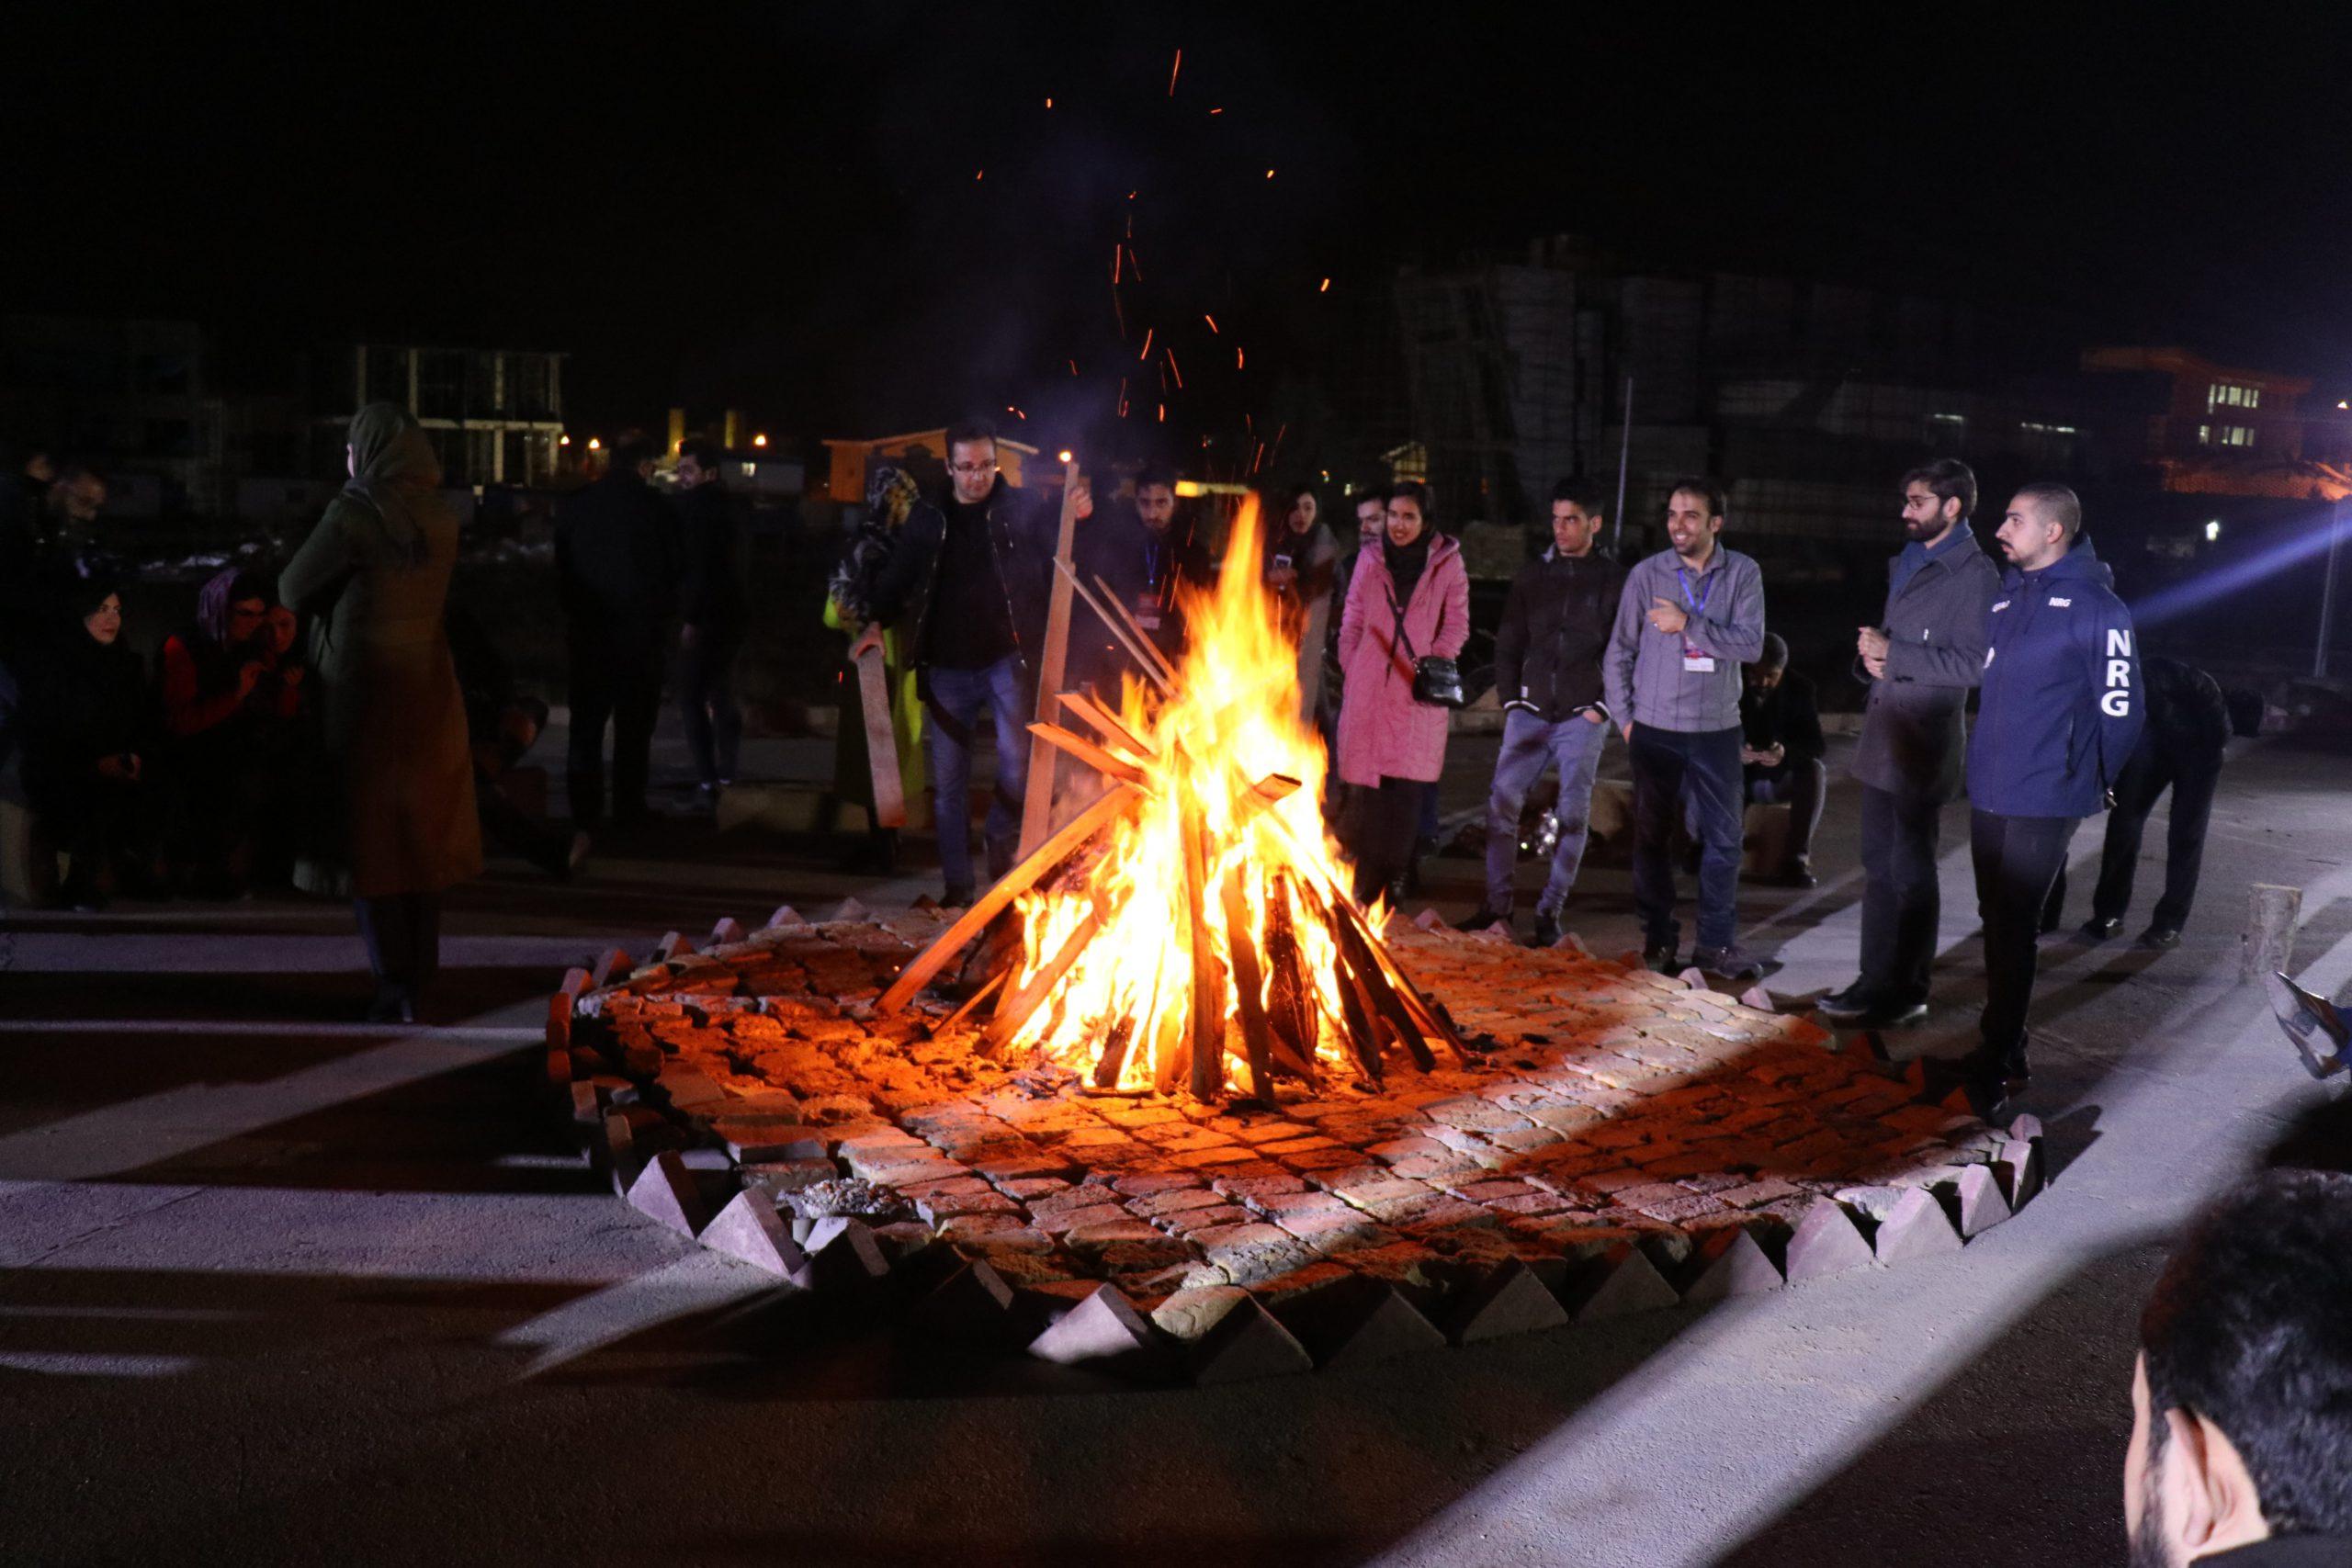 شب نشینی کنار آتش رویداد پردیس سامیت